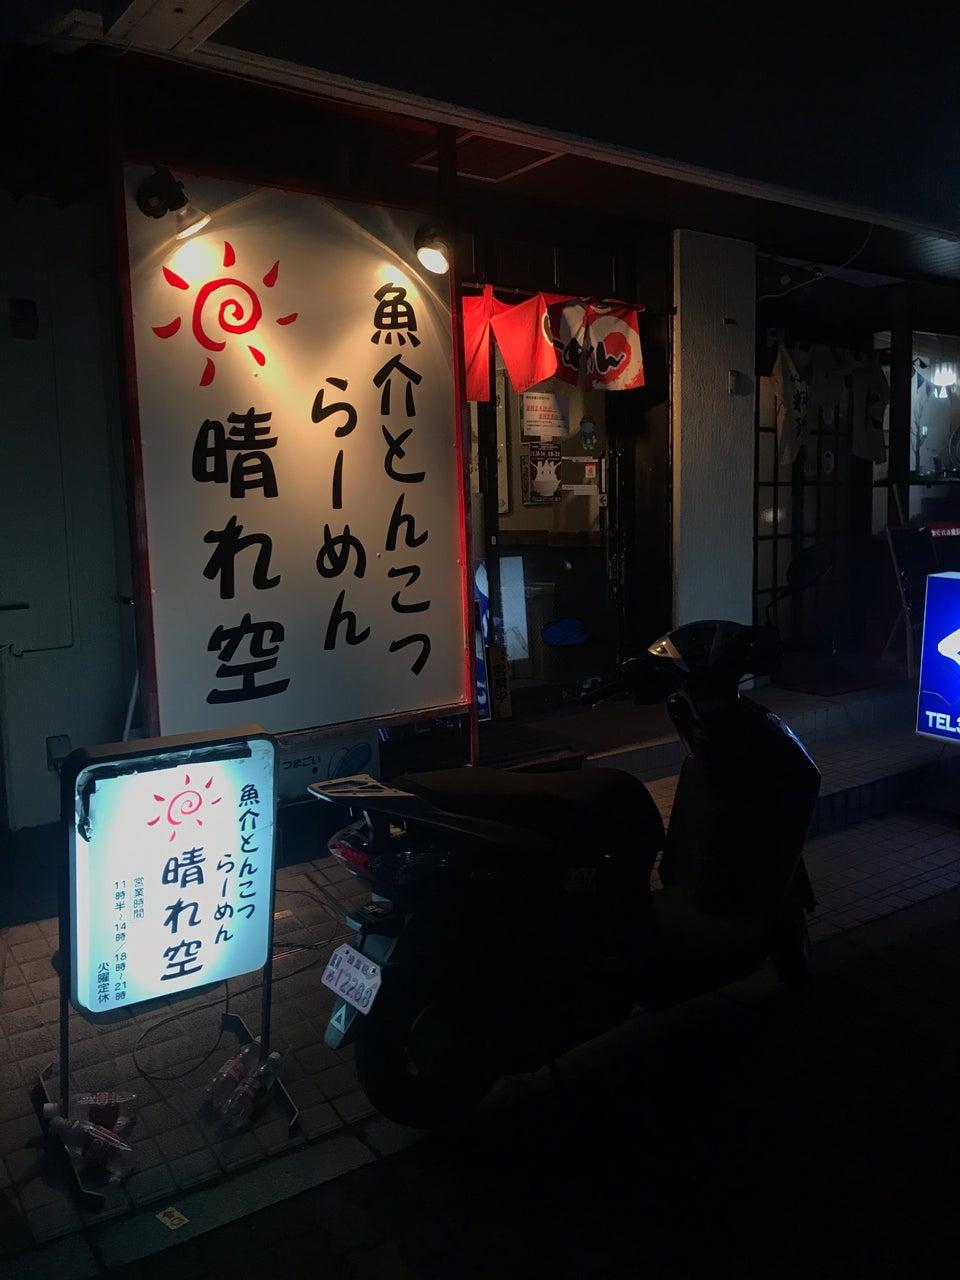 【大泉学園】魚介とんこつーらーめん晴れ空さんへ行ってきました!